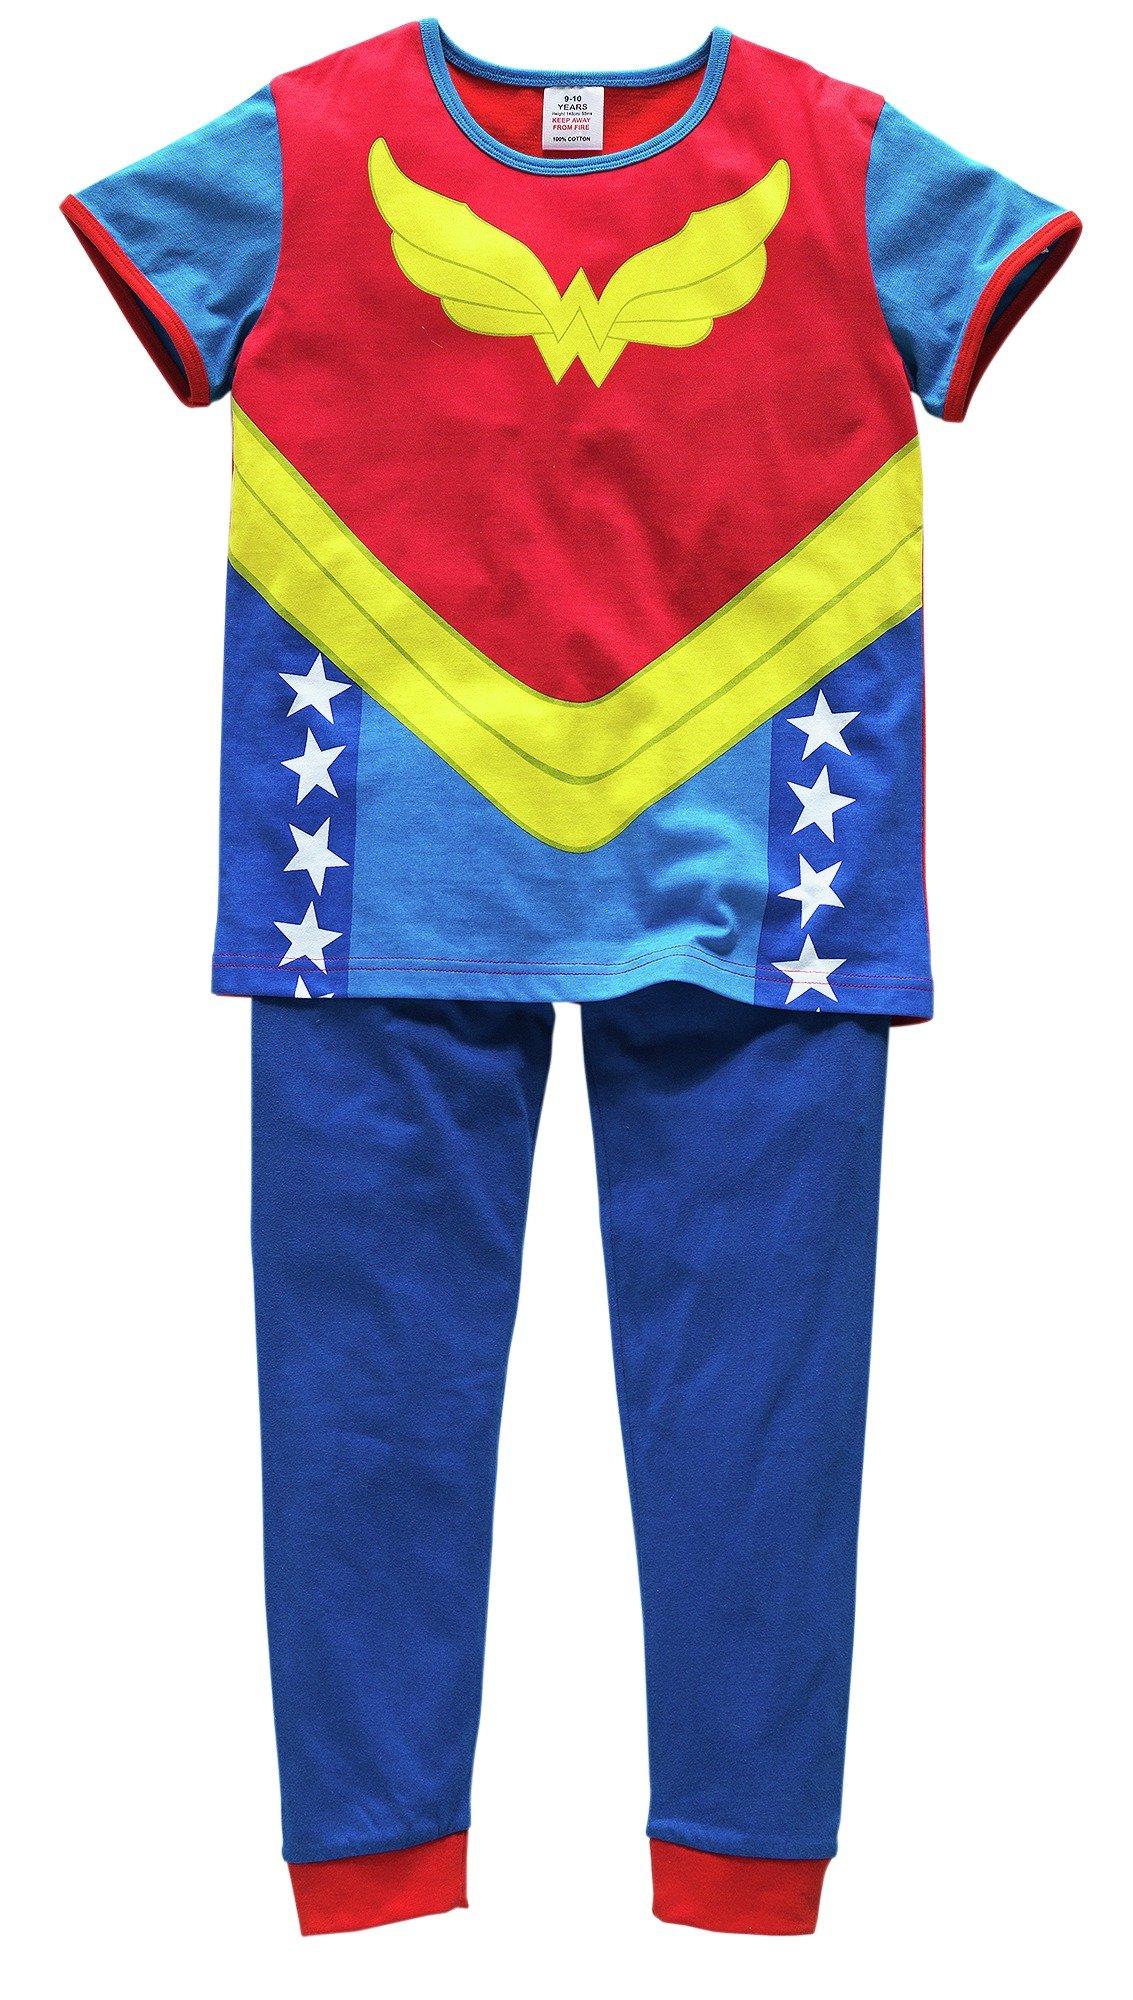 Image of DC - Girls Wonder Woman Cotton Pyjamas - 7-8 Years